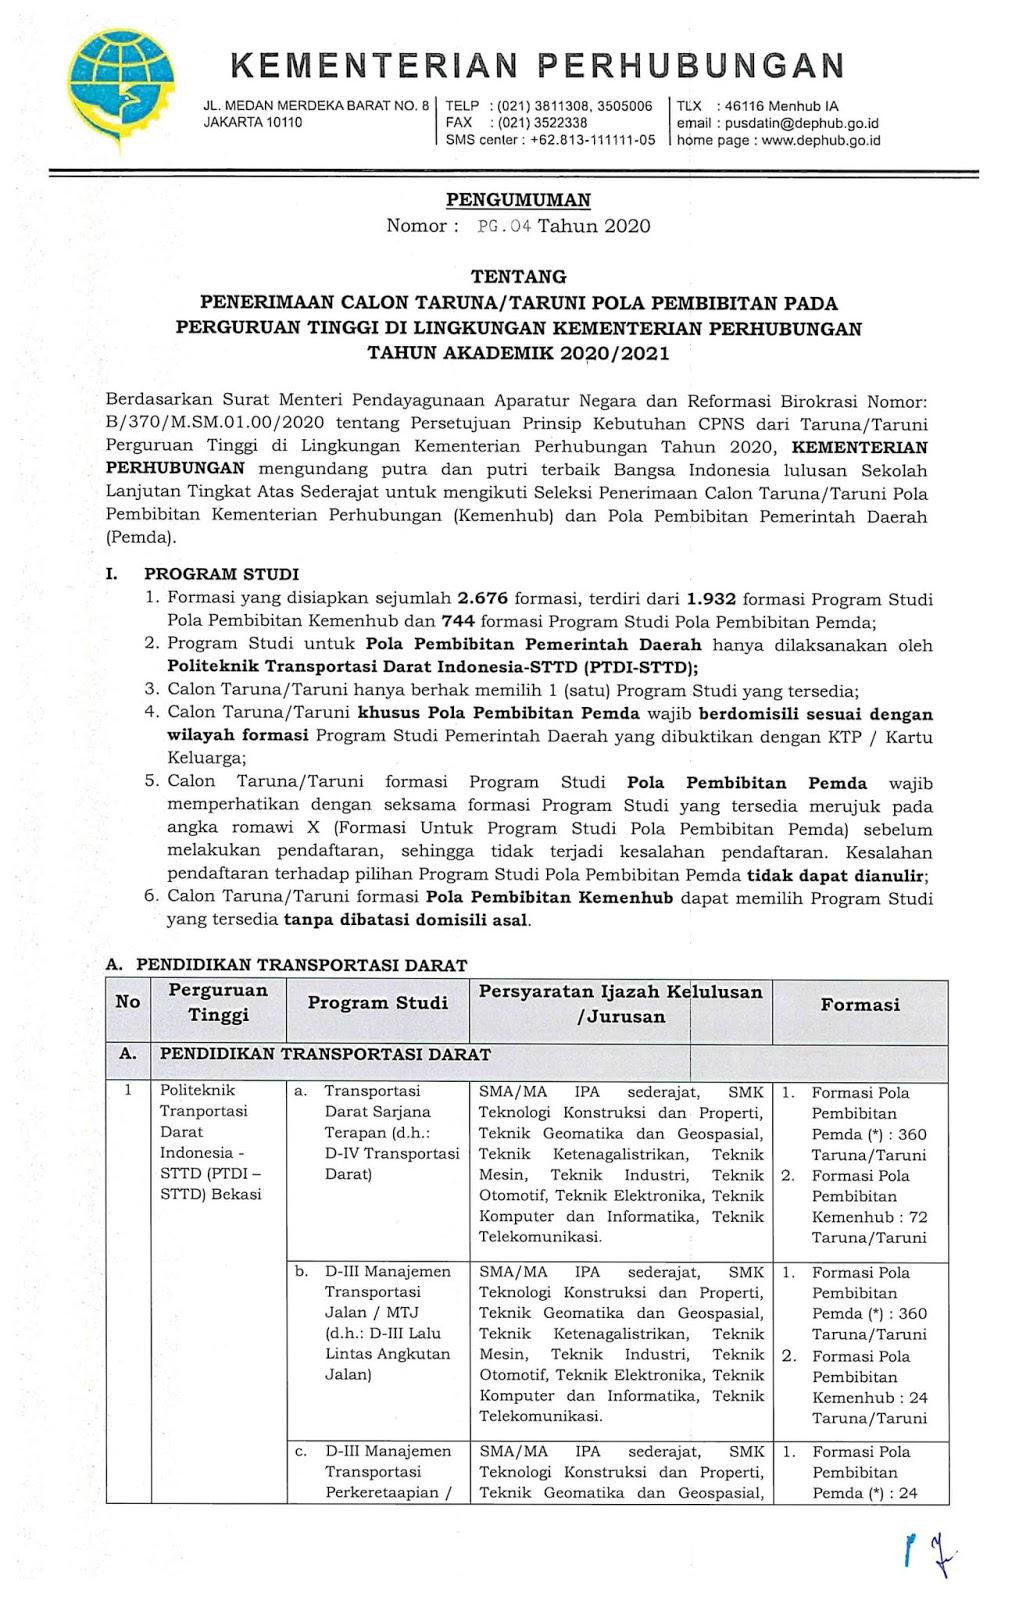 Penerimaan Sipencatar Kementerian Perhubungan Juni 2020 Sebanyak 2676 Formasi